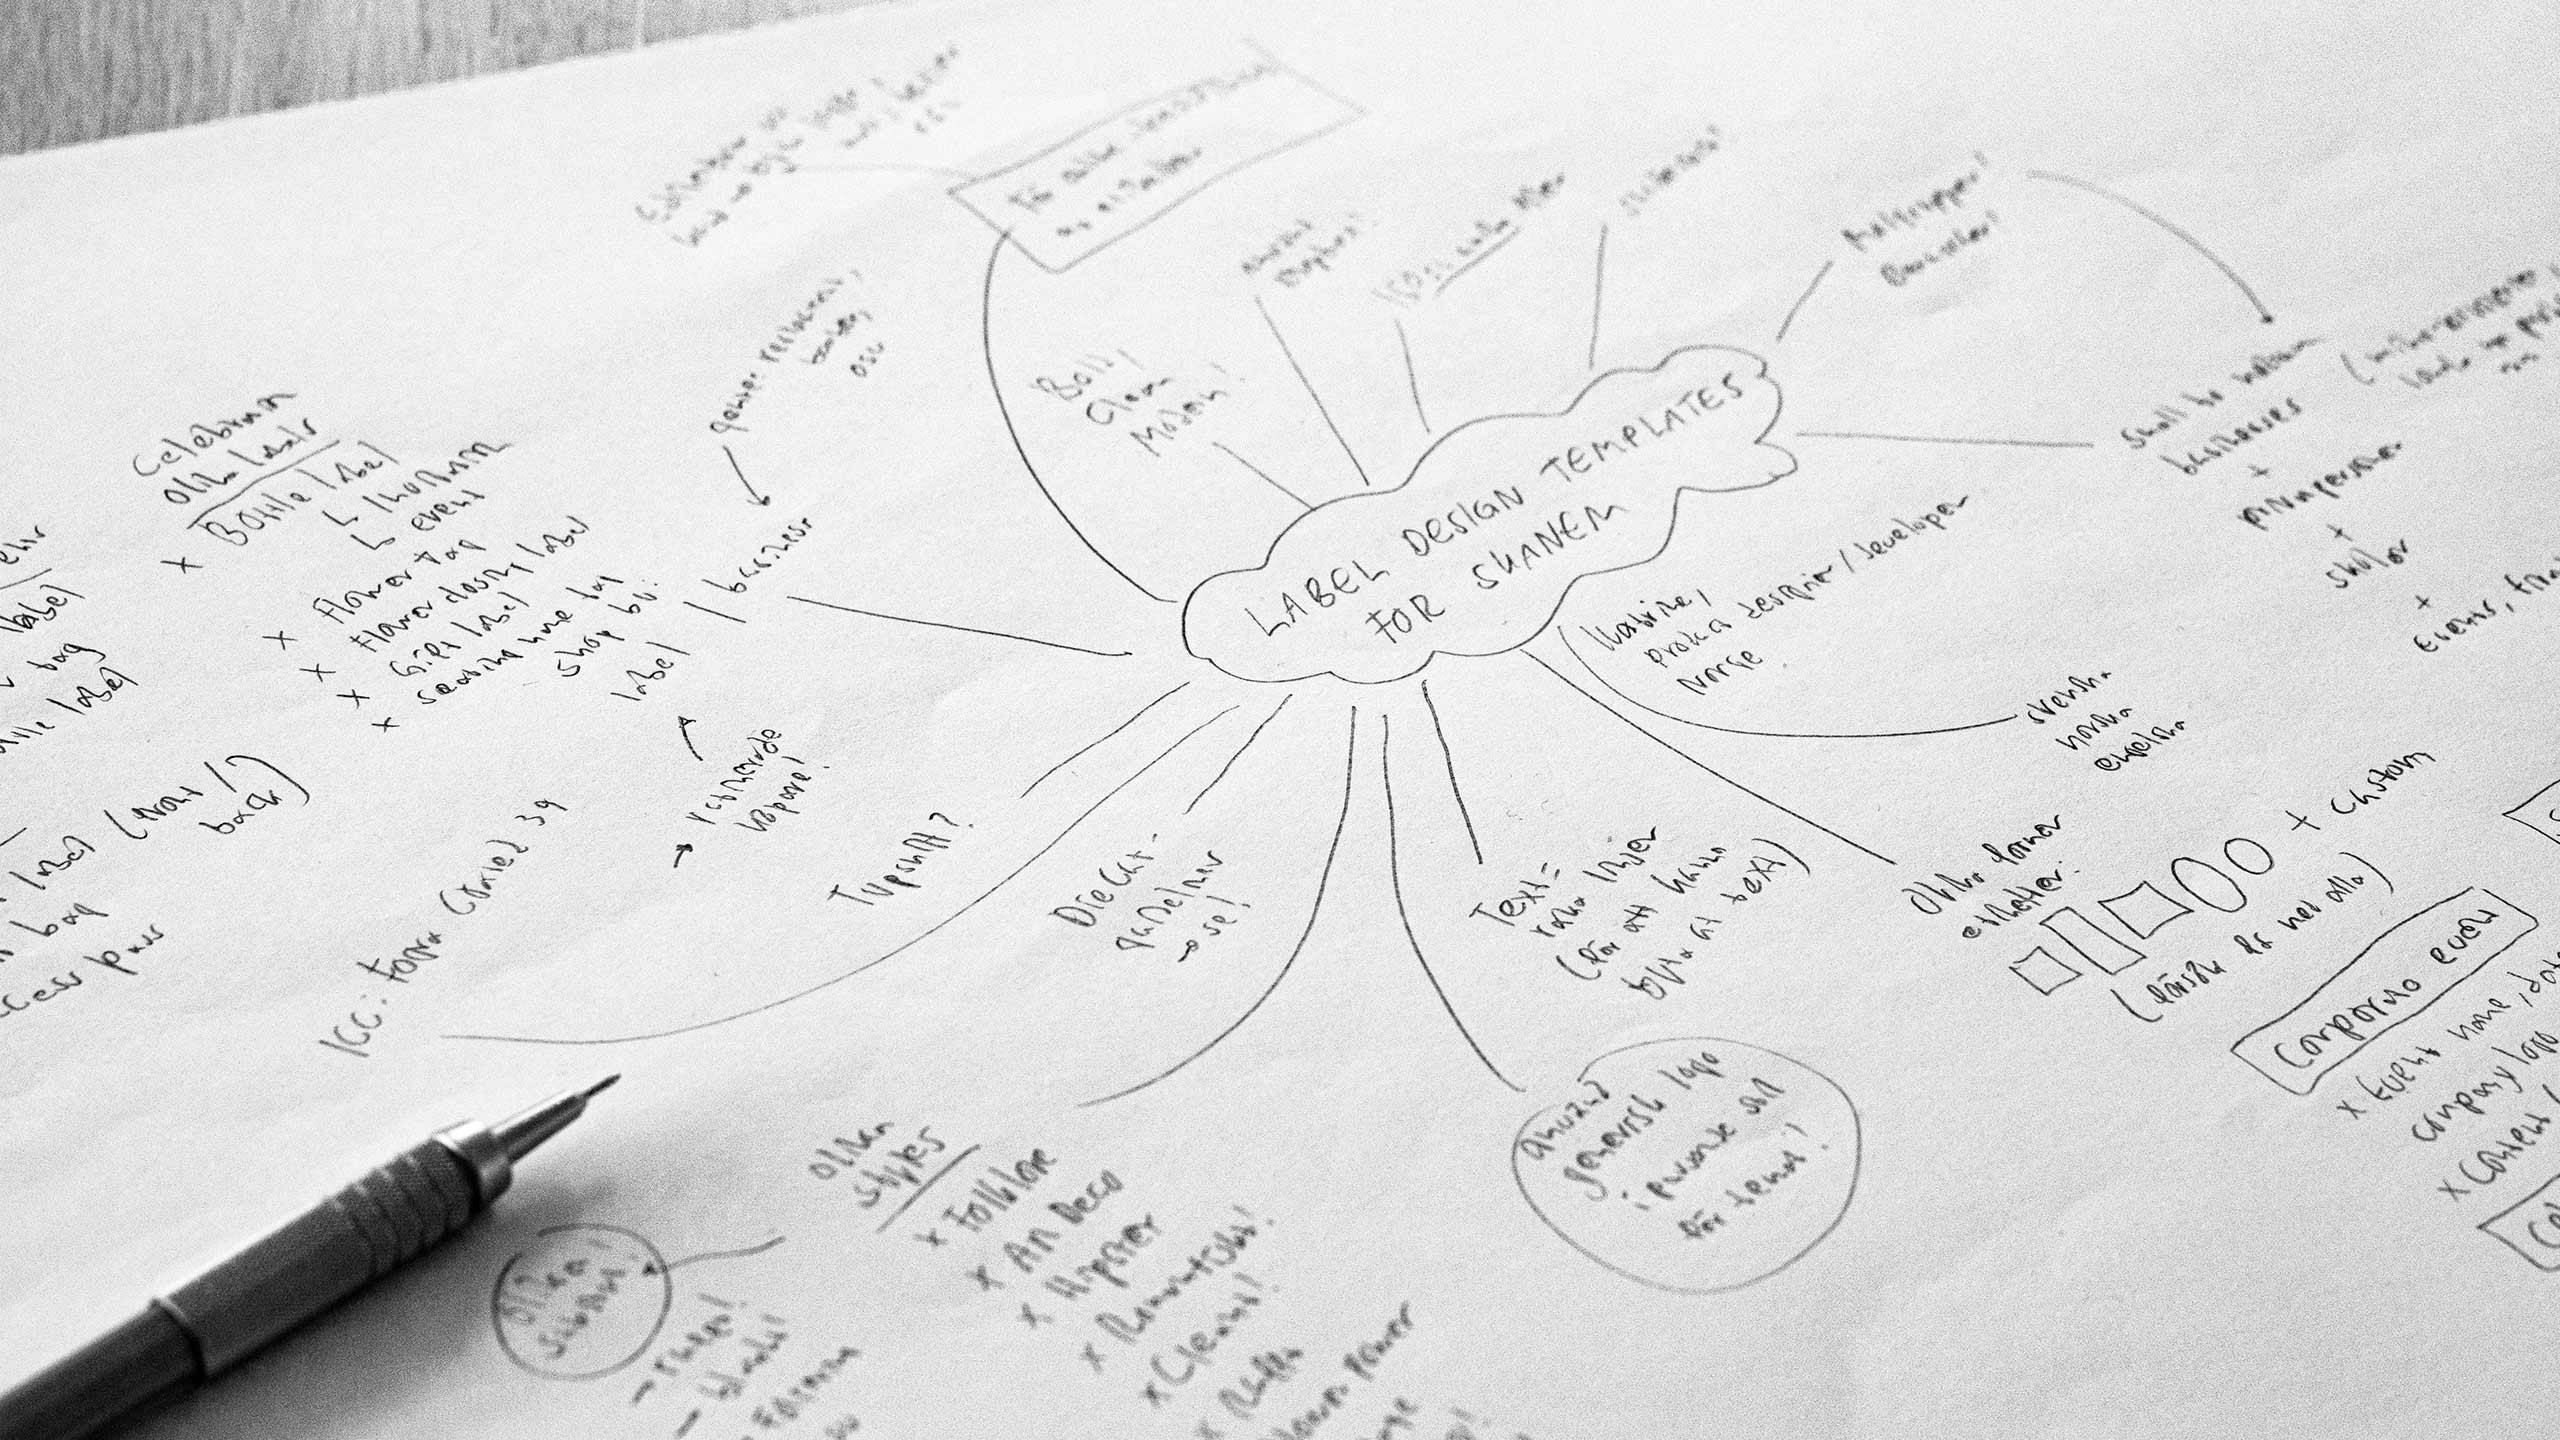 Mind map for Skanem